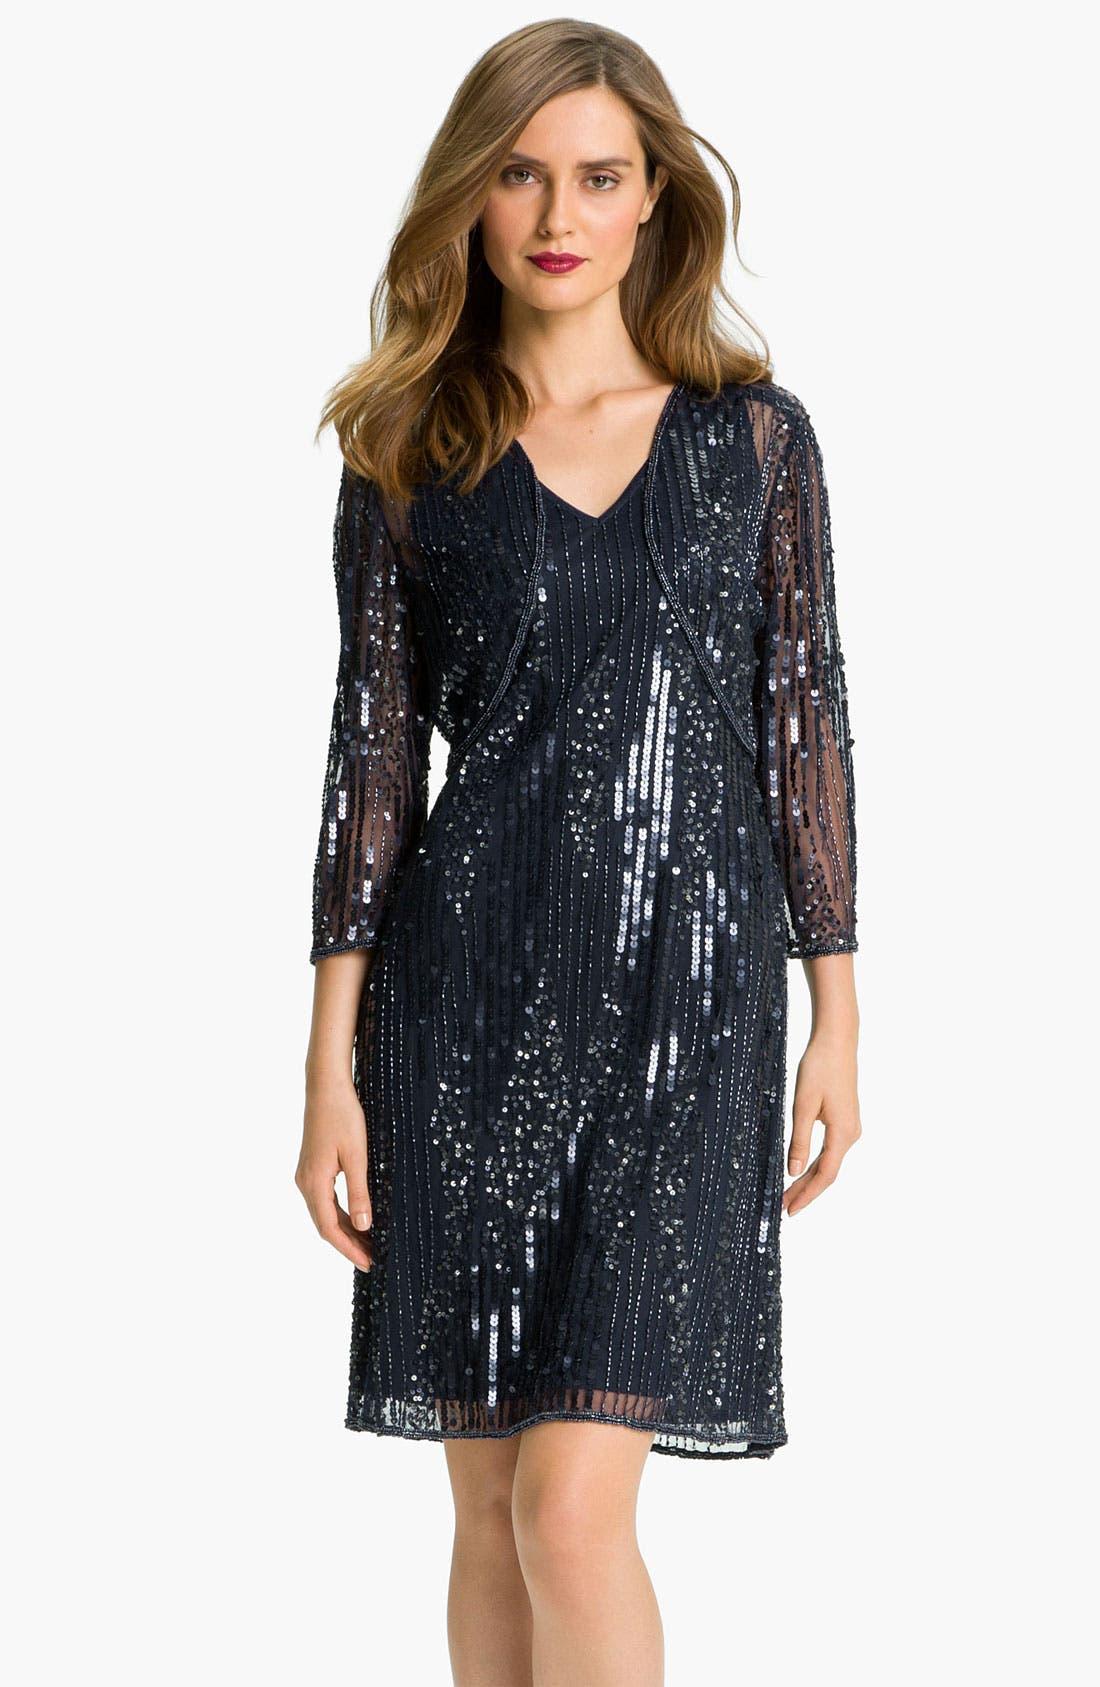 Main Image - Patra Embellished Double V-Neck Mesh Dress & Sheer Bolero